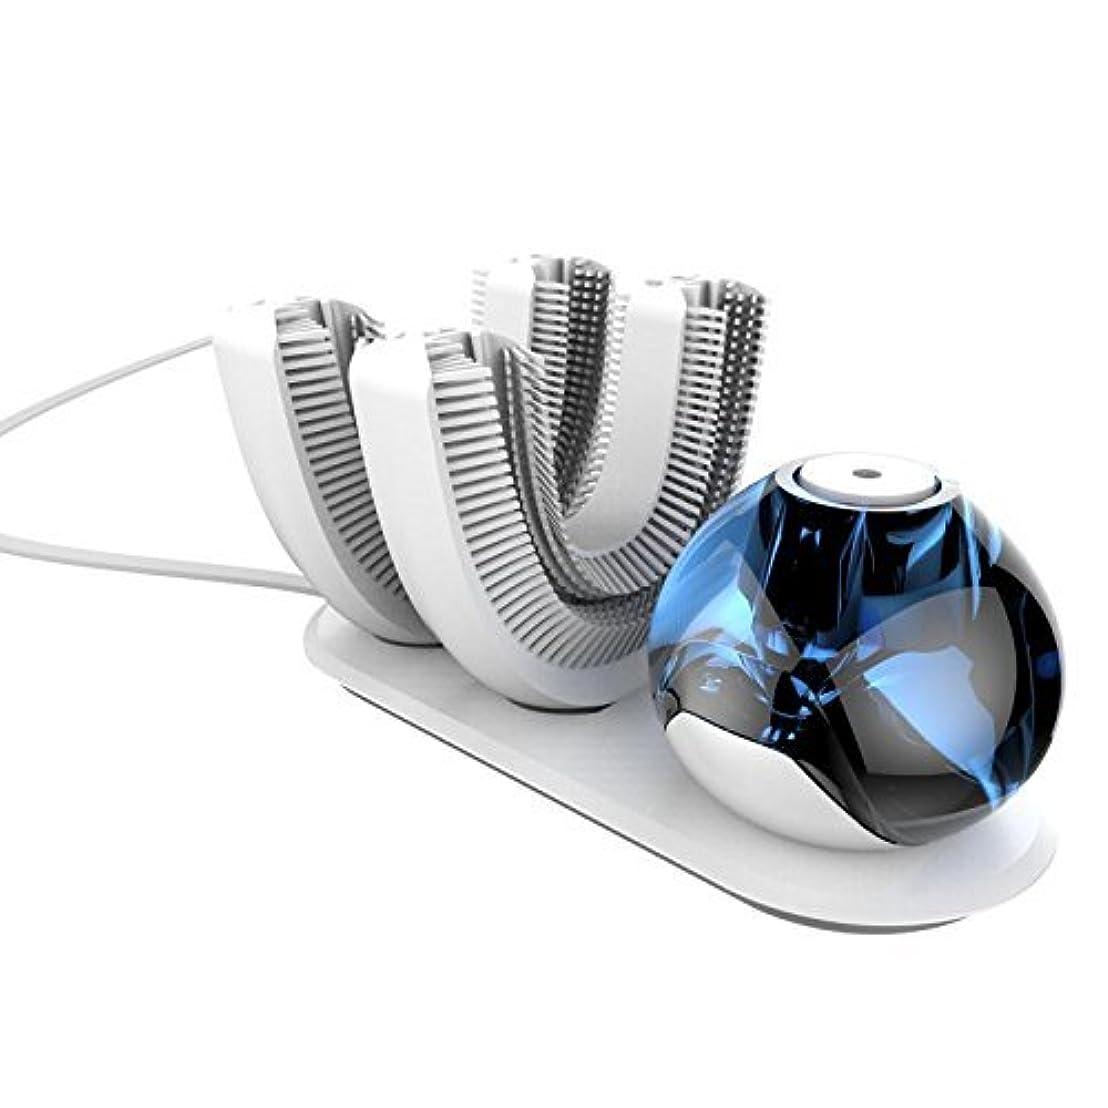 汗全員成果怠け者牙刷-電動歯ブラシ U型 超音波 専門370°全方位 自動歯ブラシ ワイヤレス充電 成人 怠け者 ユニークなU字型のマウスピース わずか10秒で歯磨き 自動バブル 2本の歯ブラシヘッド付き あなたの手を解放 磁気吸引接続...